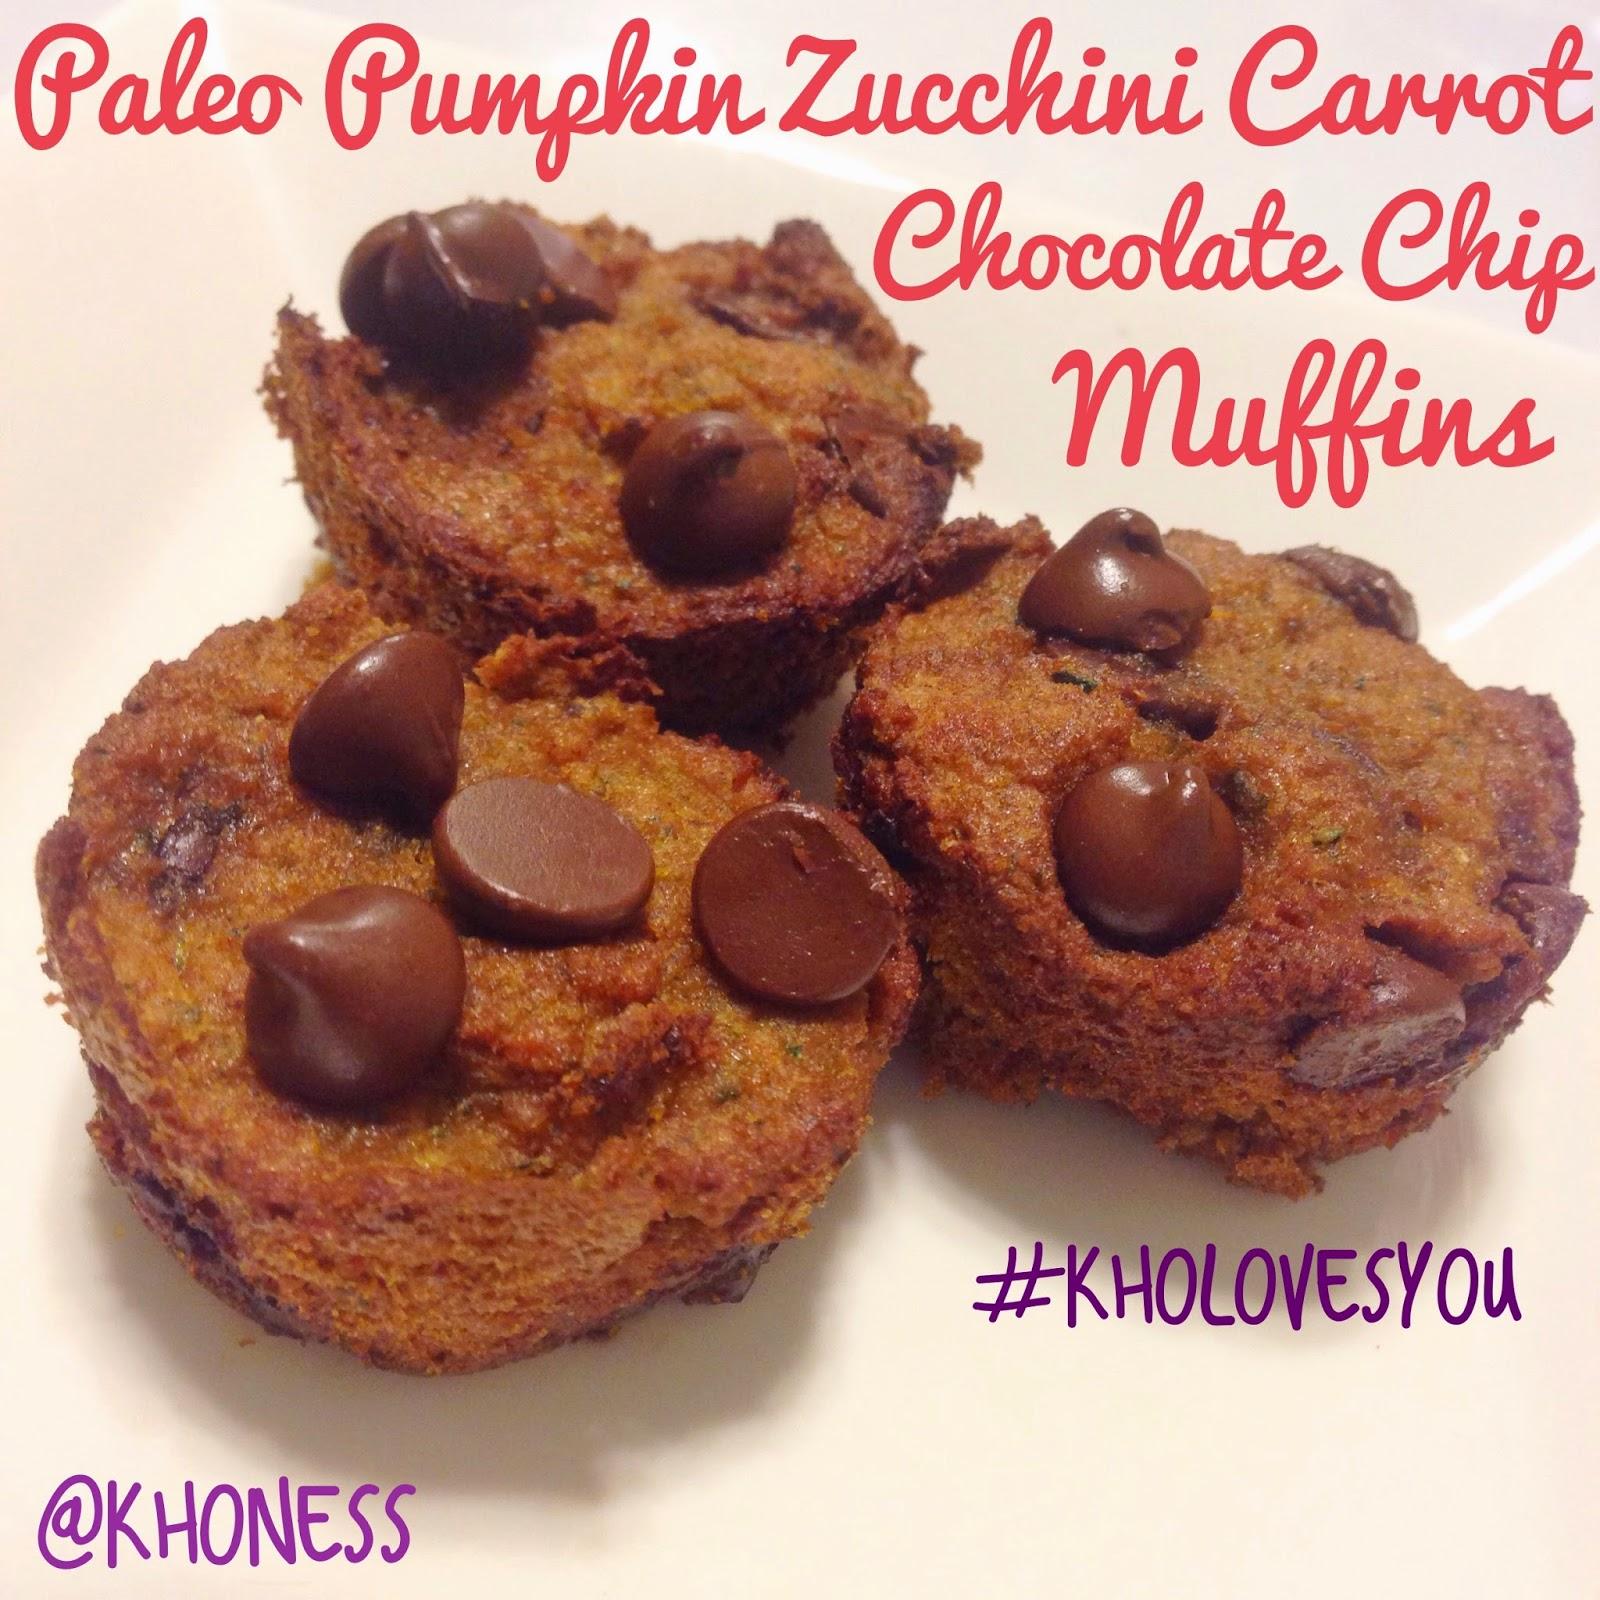 ... Loves You!: Paleo Pumpkin Zucchini Carrot Chocolate Chip Mini Muffins